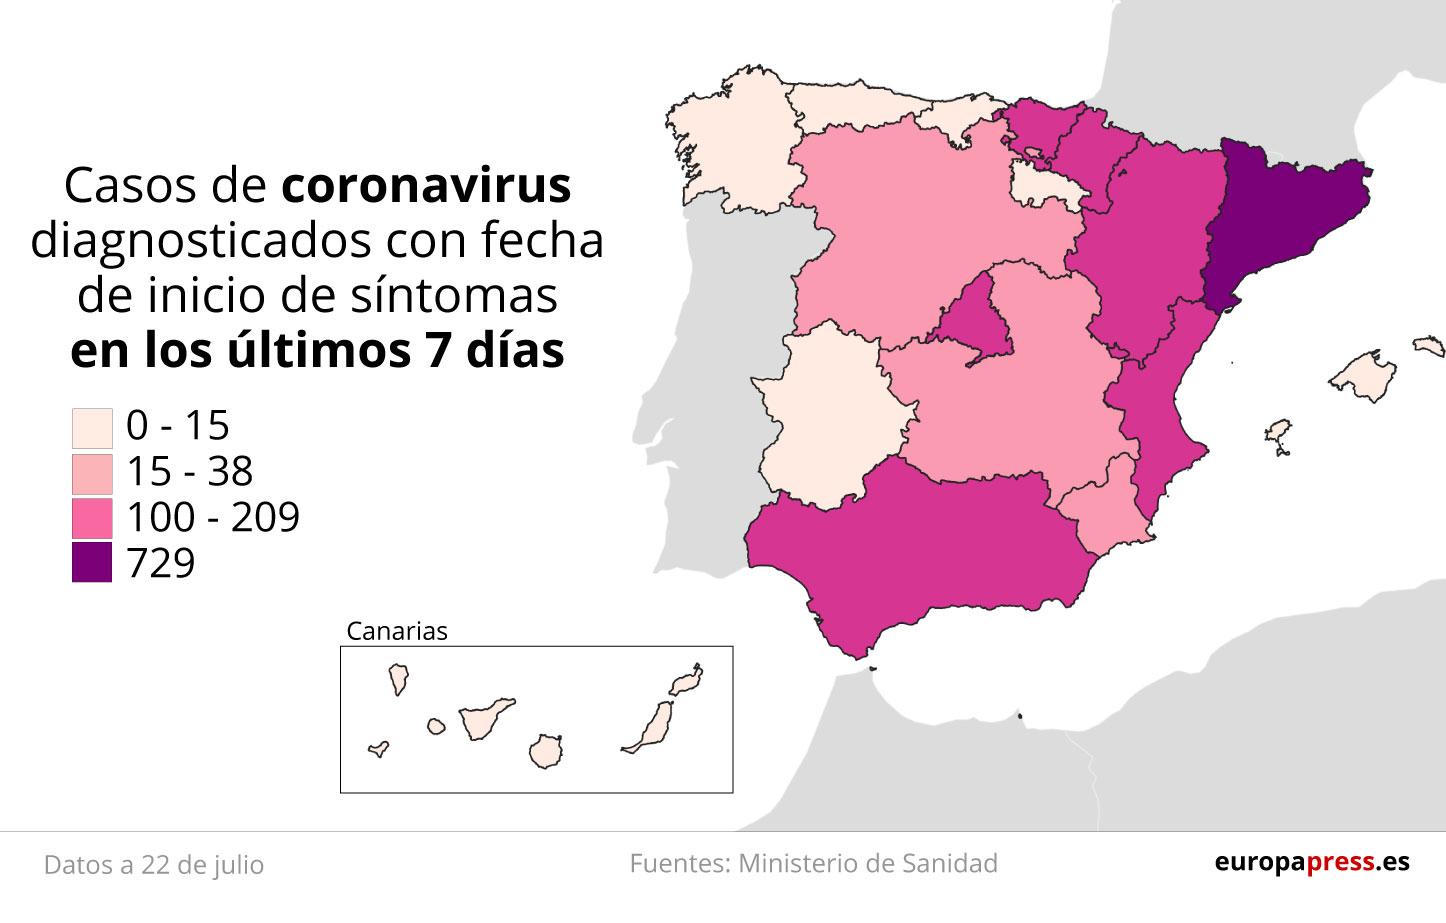 Mapa con casos de coronavirus diagnosticados con fecha de inicio de síntomas en los últimos 7 días